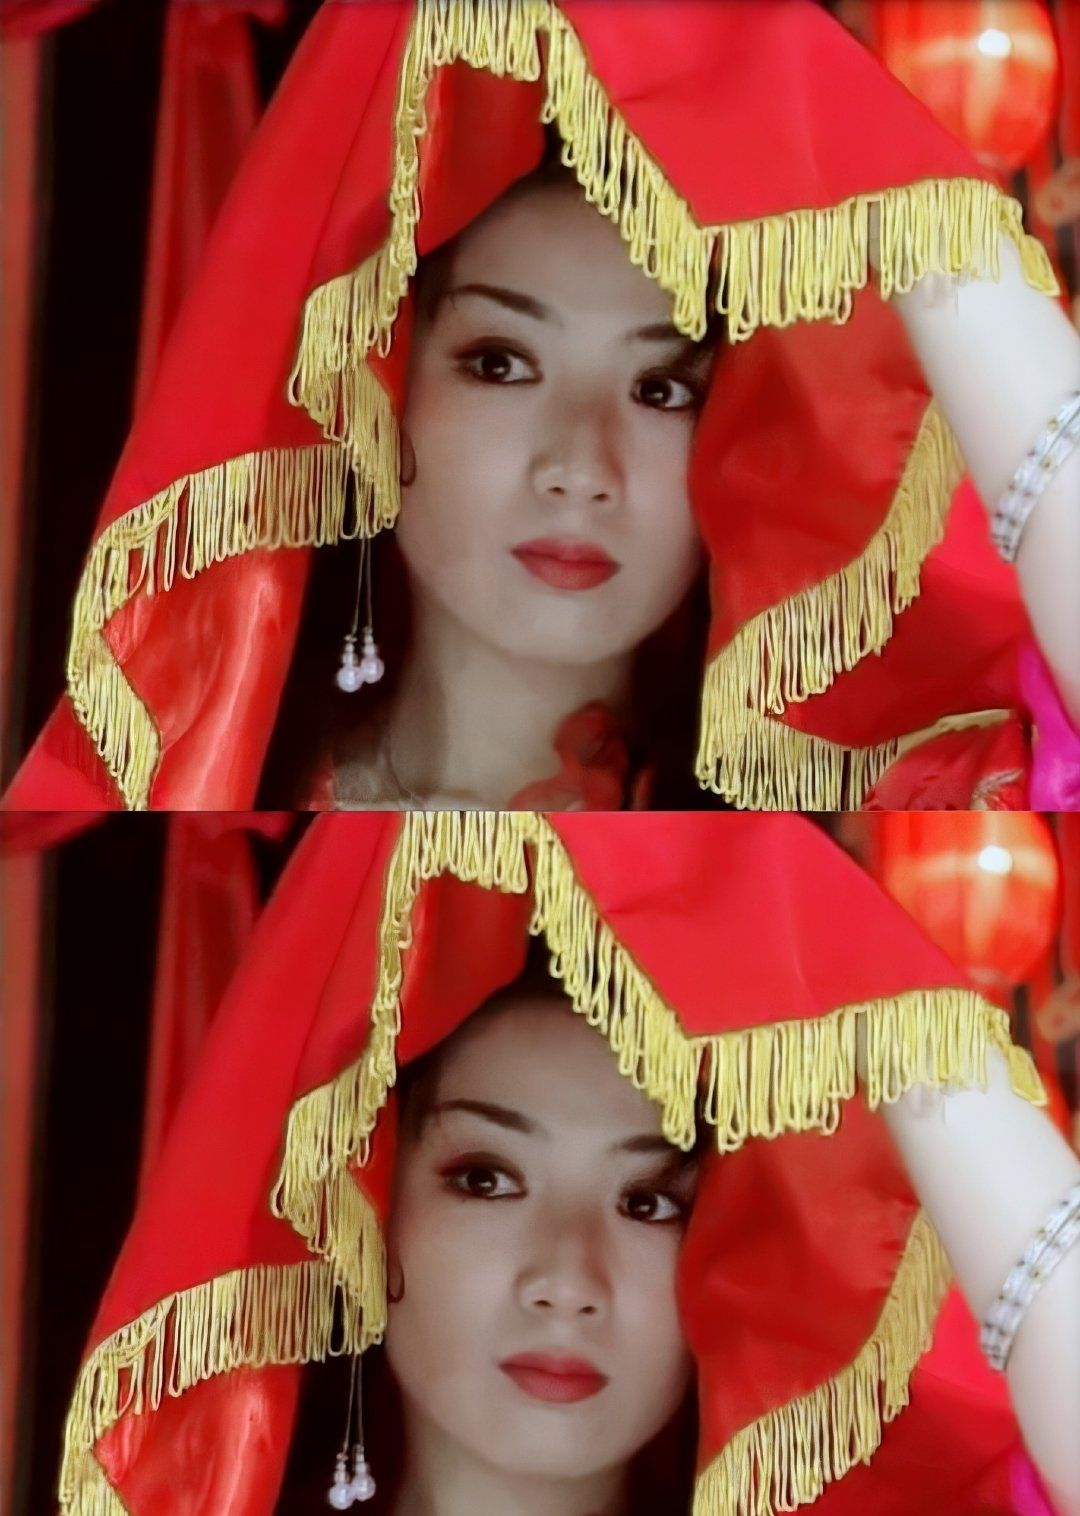 黄奕在《上错花轿嫁对郎》里有多美,看图说话。